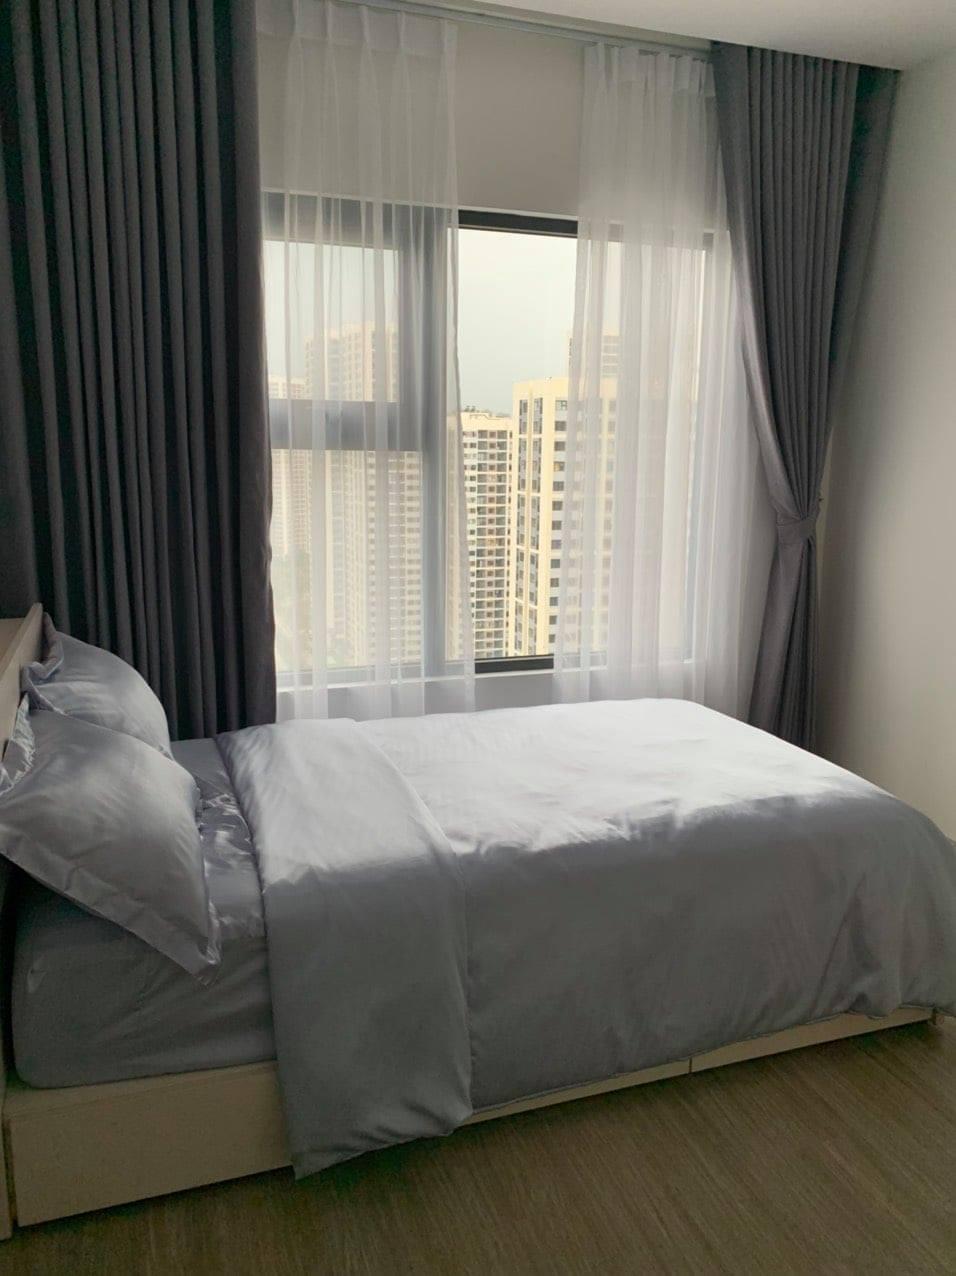 Căn hộ 3 phòng ngủ nội thất đầy đủ tầng 8 toà S3.02 giá 10tr/tháng 2